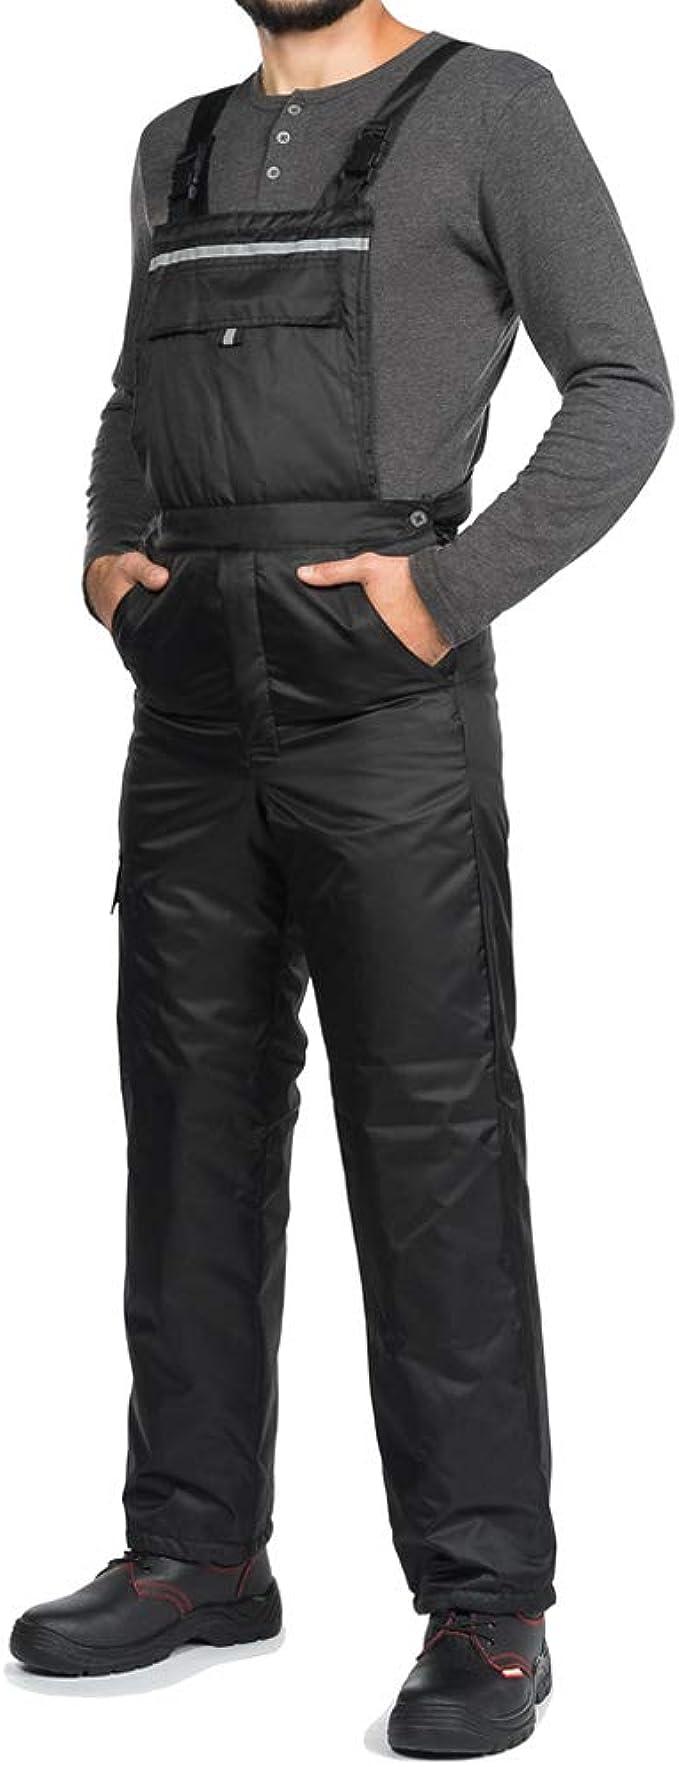 Pantaloni da Lavoro Inverno A Prova di Vento Caldo Bande Riflettenti Salopette da Lavoro Uomo Inverno Nero Impermeabile